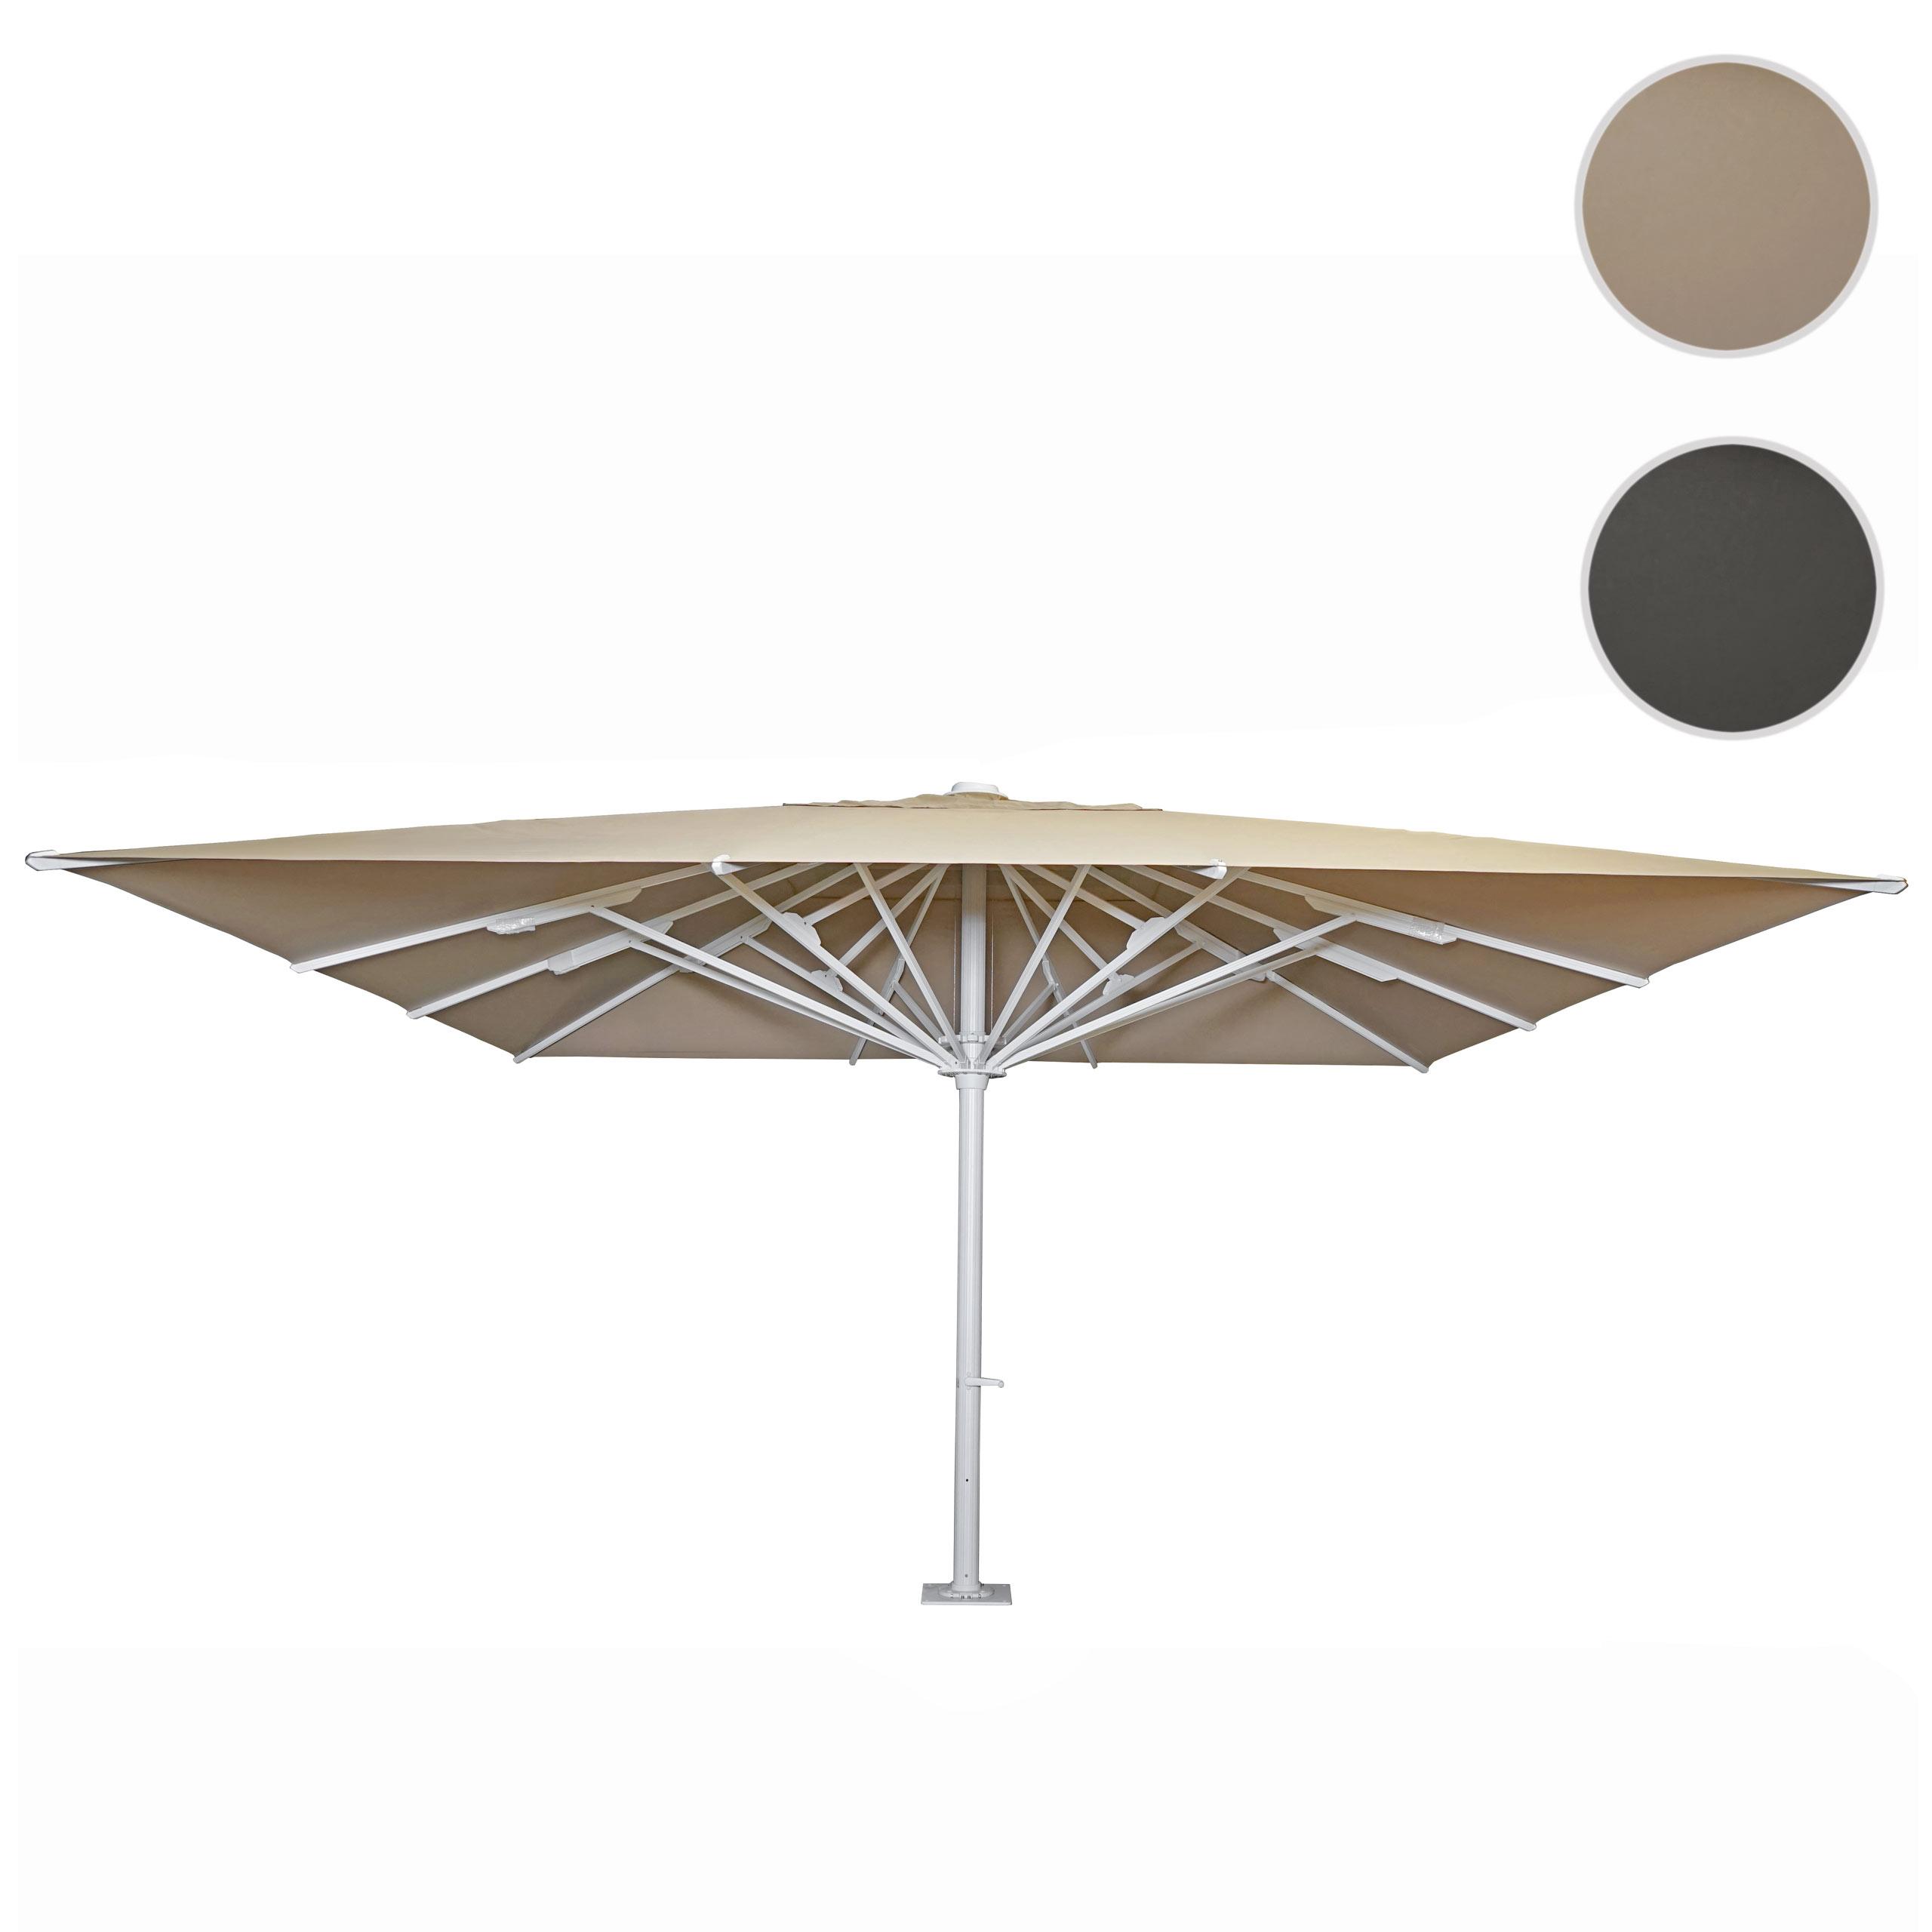 Mendler Gastronomie-Luxus-Sonnenschirm HWC-D20b, XXL-Schirm Marktschirm, 5x5m (Ř7,2m) Polyester/Alu 75kg ~ V 70737